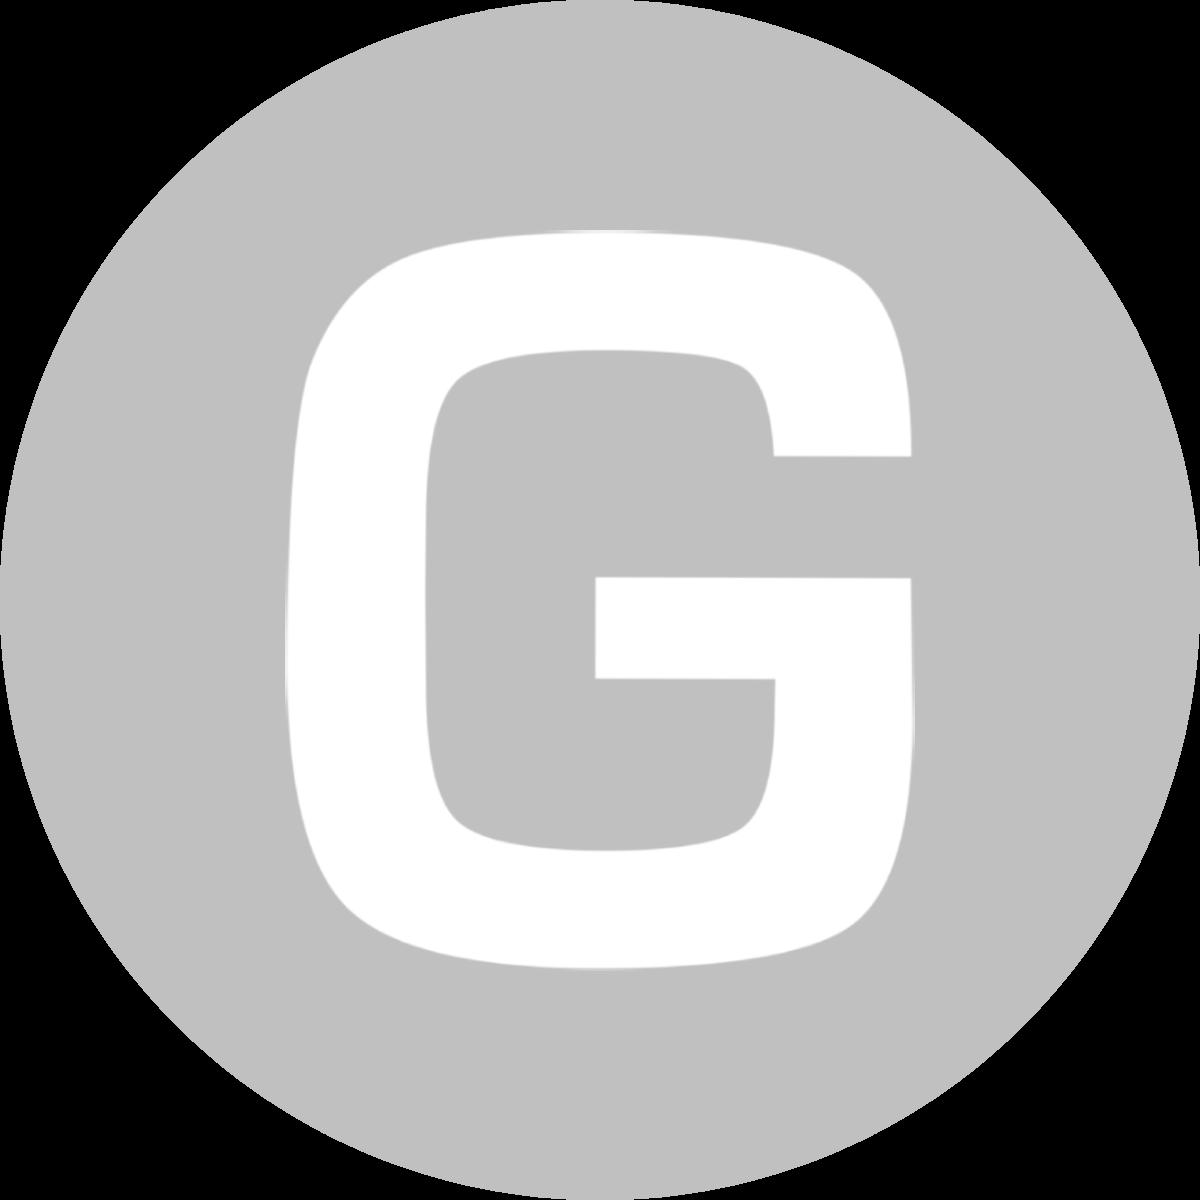 Plastikk blyant - 10 stk